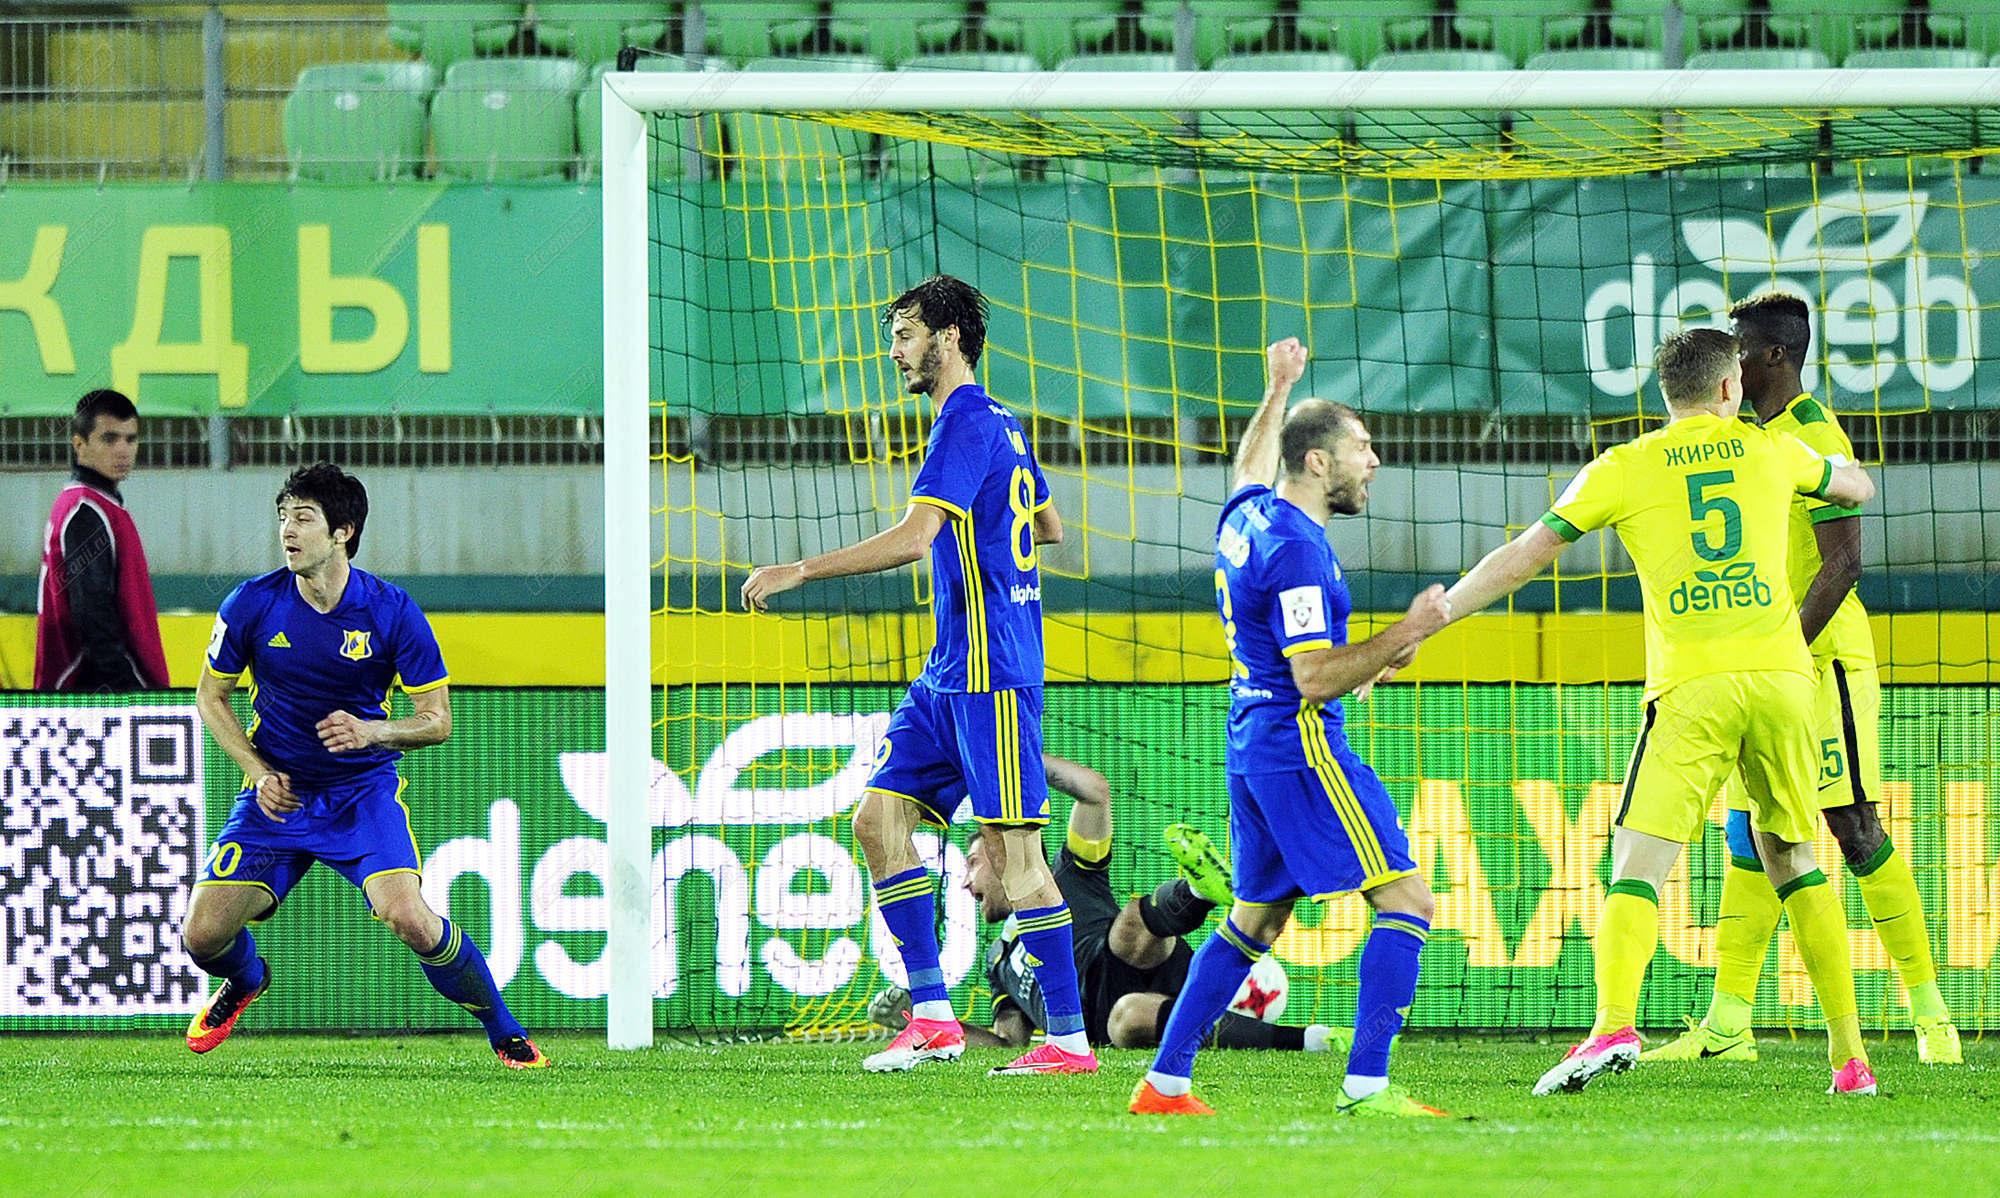 ФК «Ростов» в заключительном домашнем матче сезона одержал победу над «Рубином»